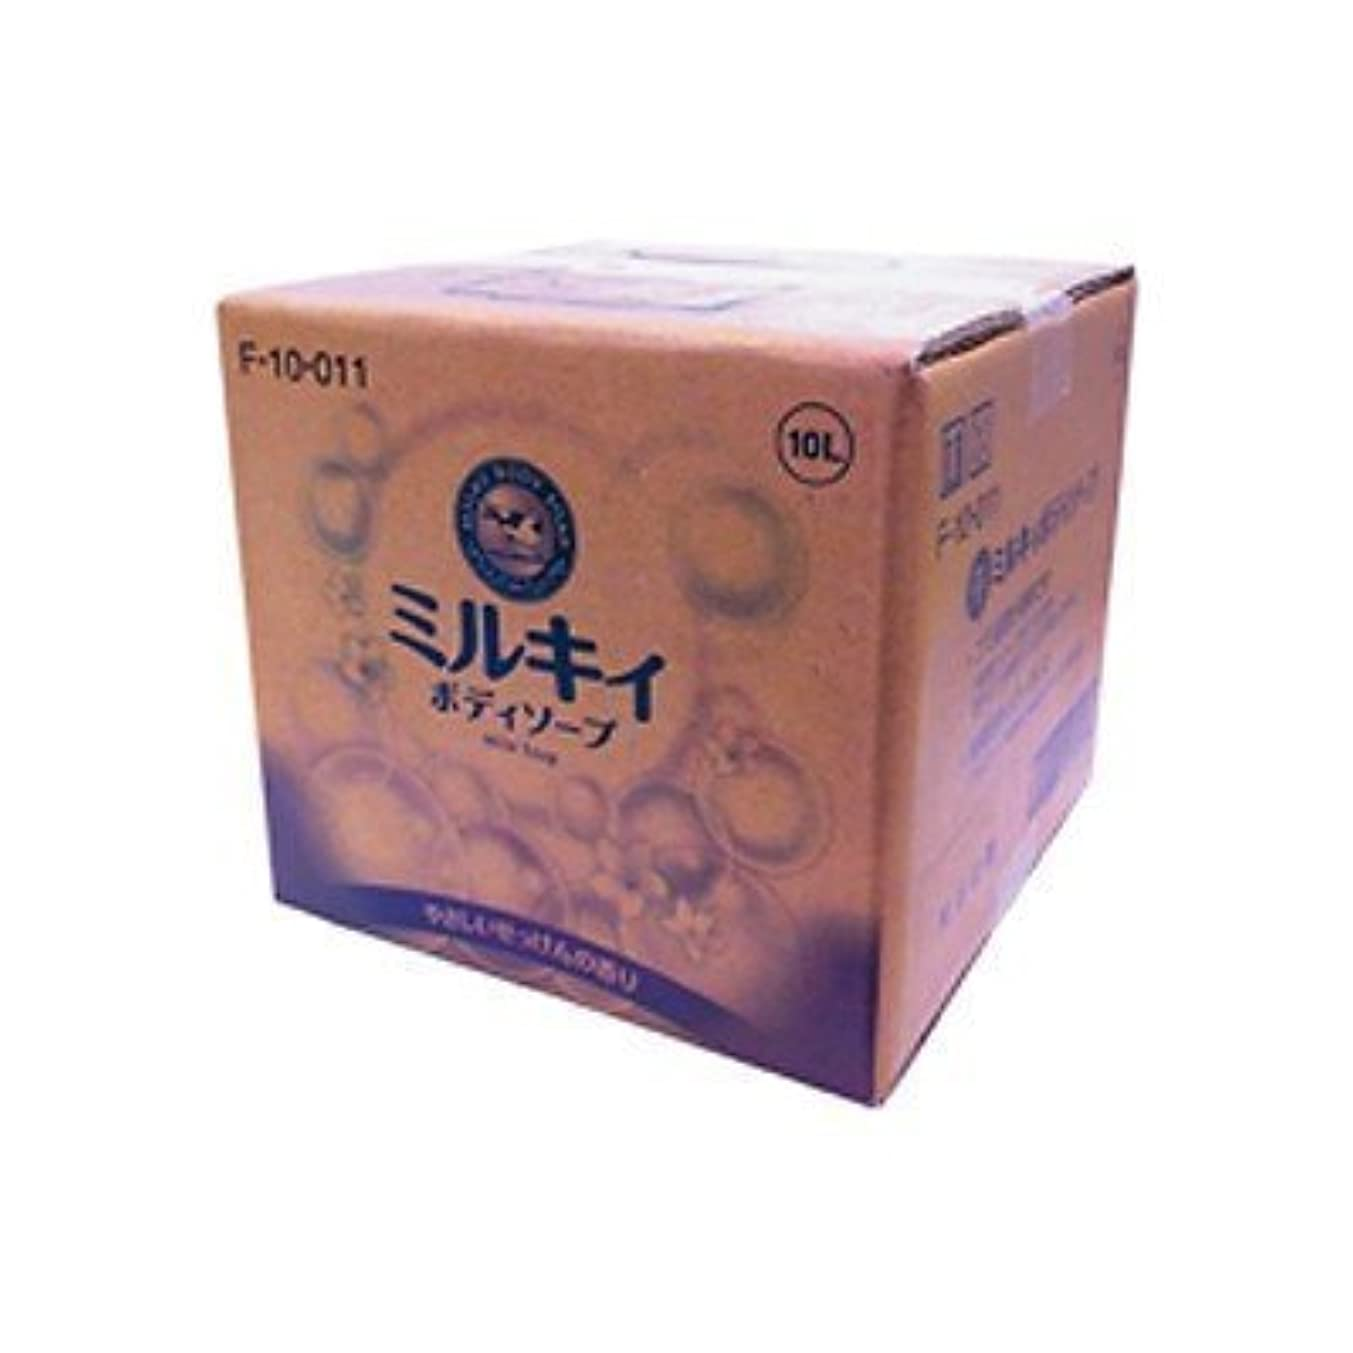 牛乳石鹸 ミルキィボディソープ 業務用 279605 00022378 【まとめ買い3個セット】